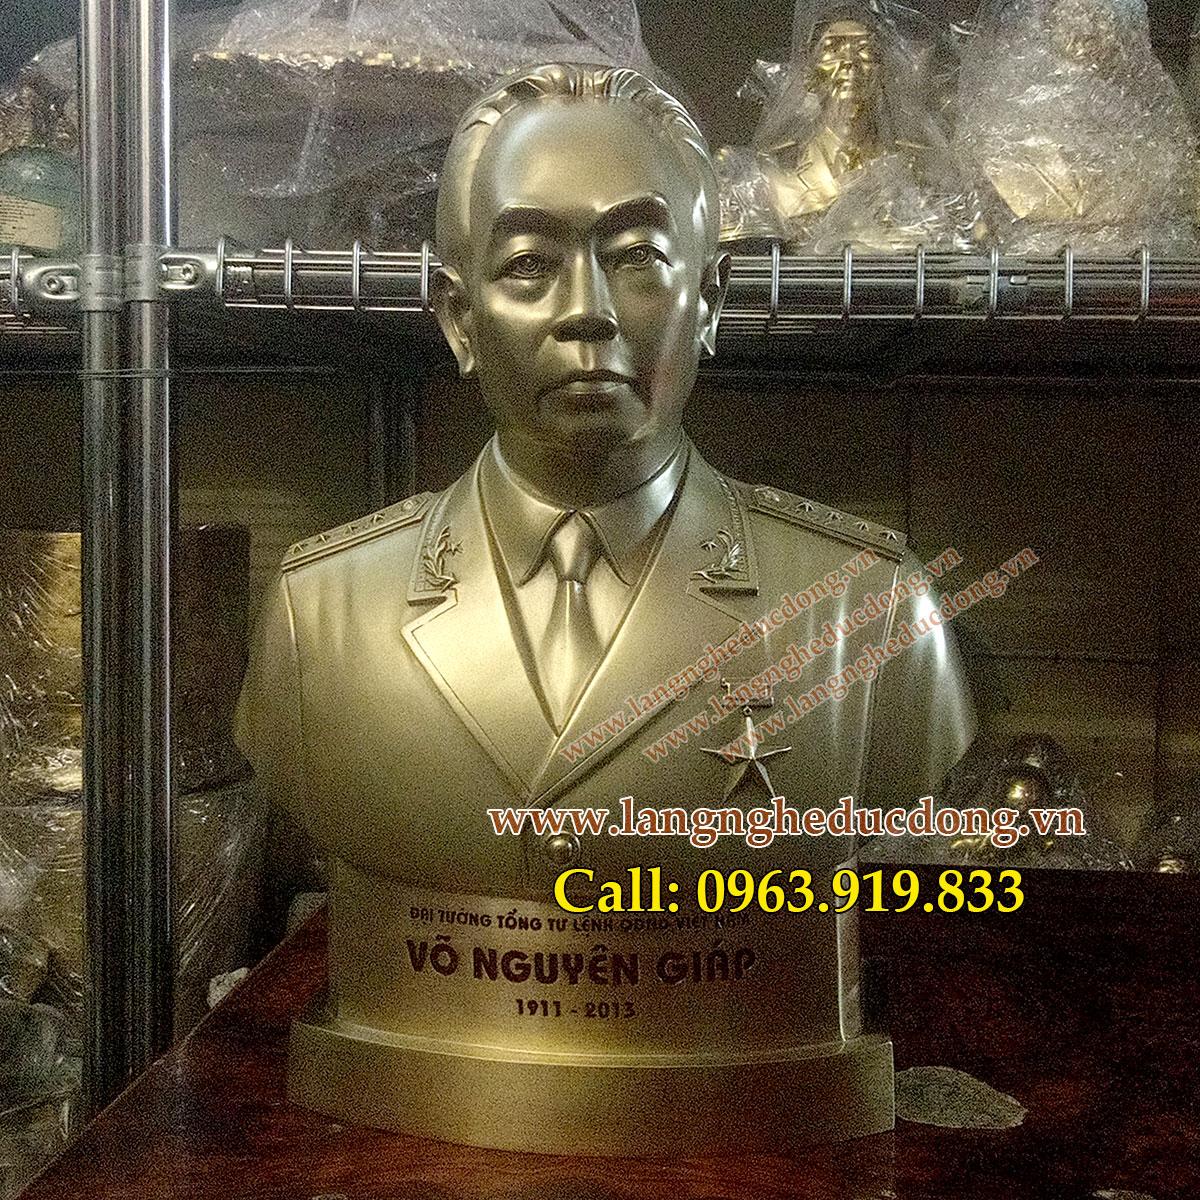 langngheducdong.vn - tượng đồng đại tướng võ nguyên giáp, tượng bán thân đại tướng võ nguyên giáp